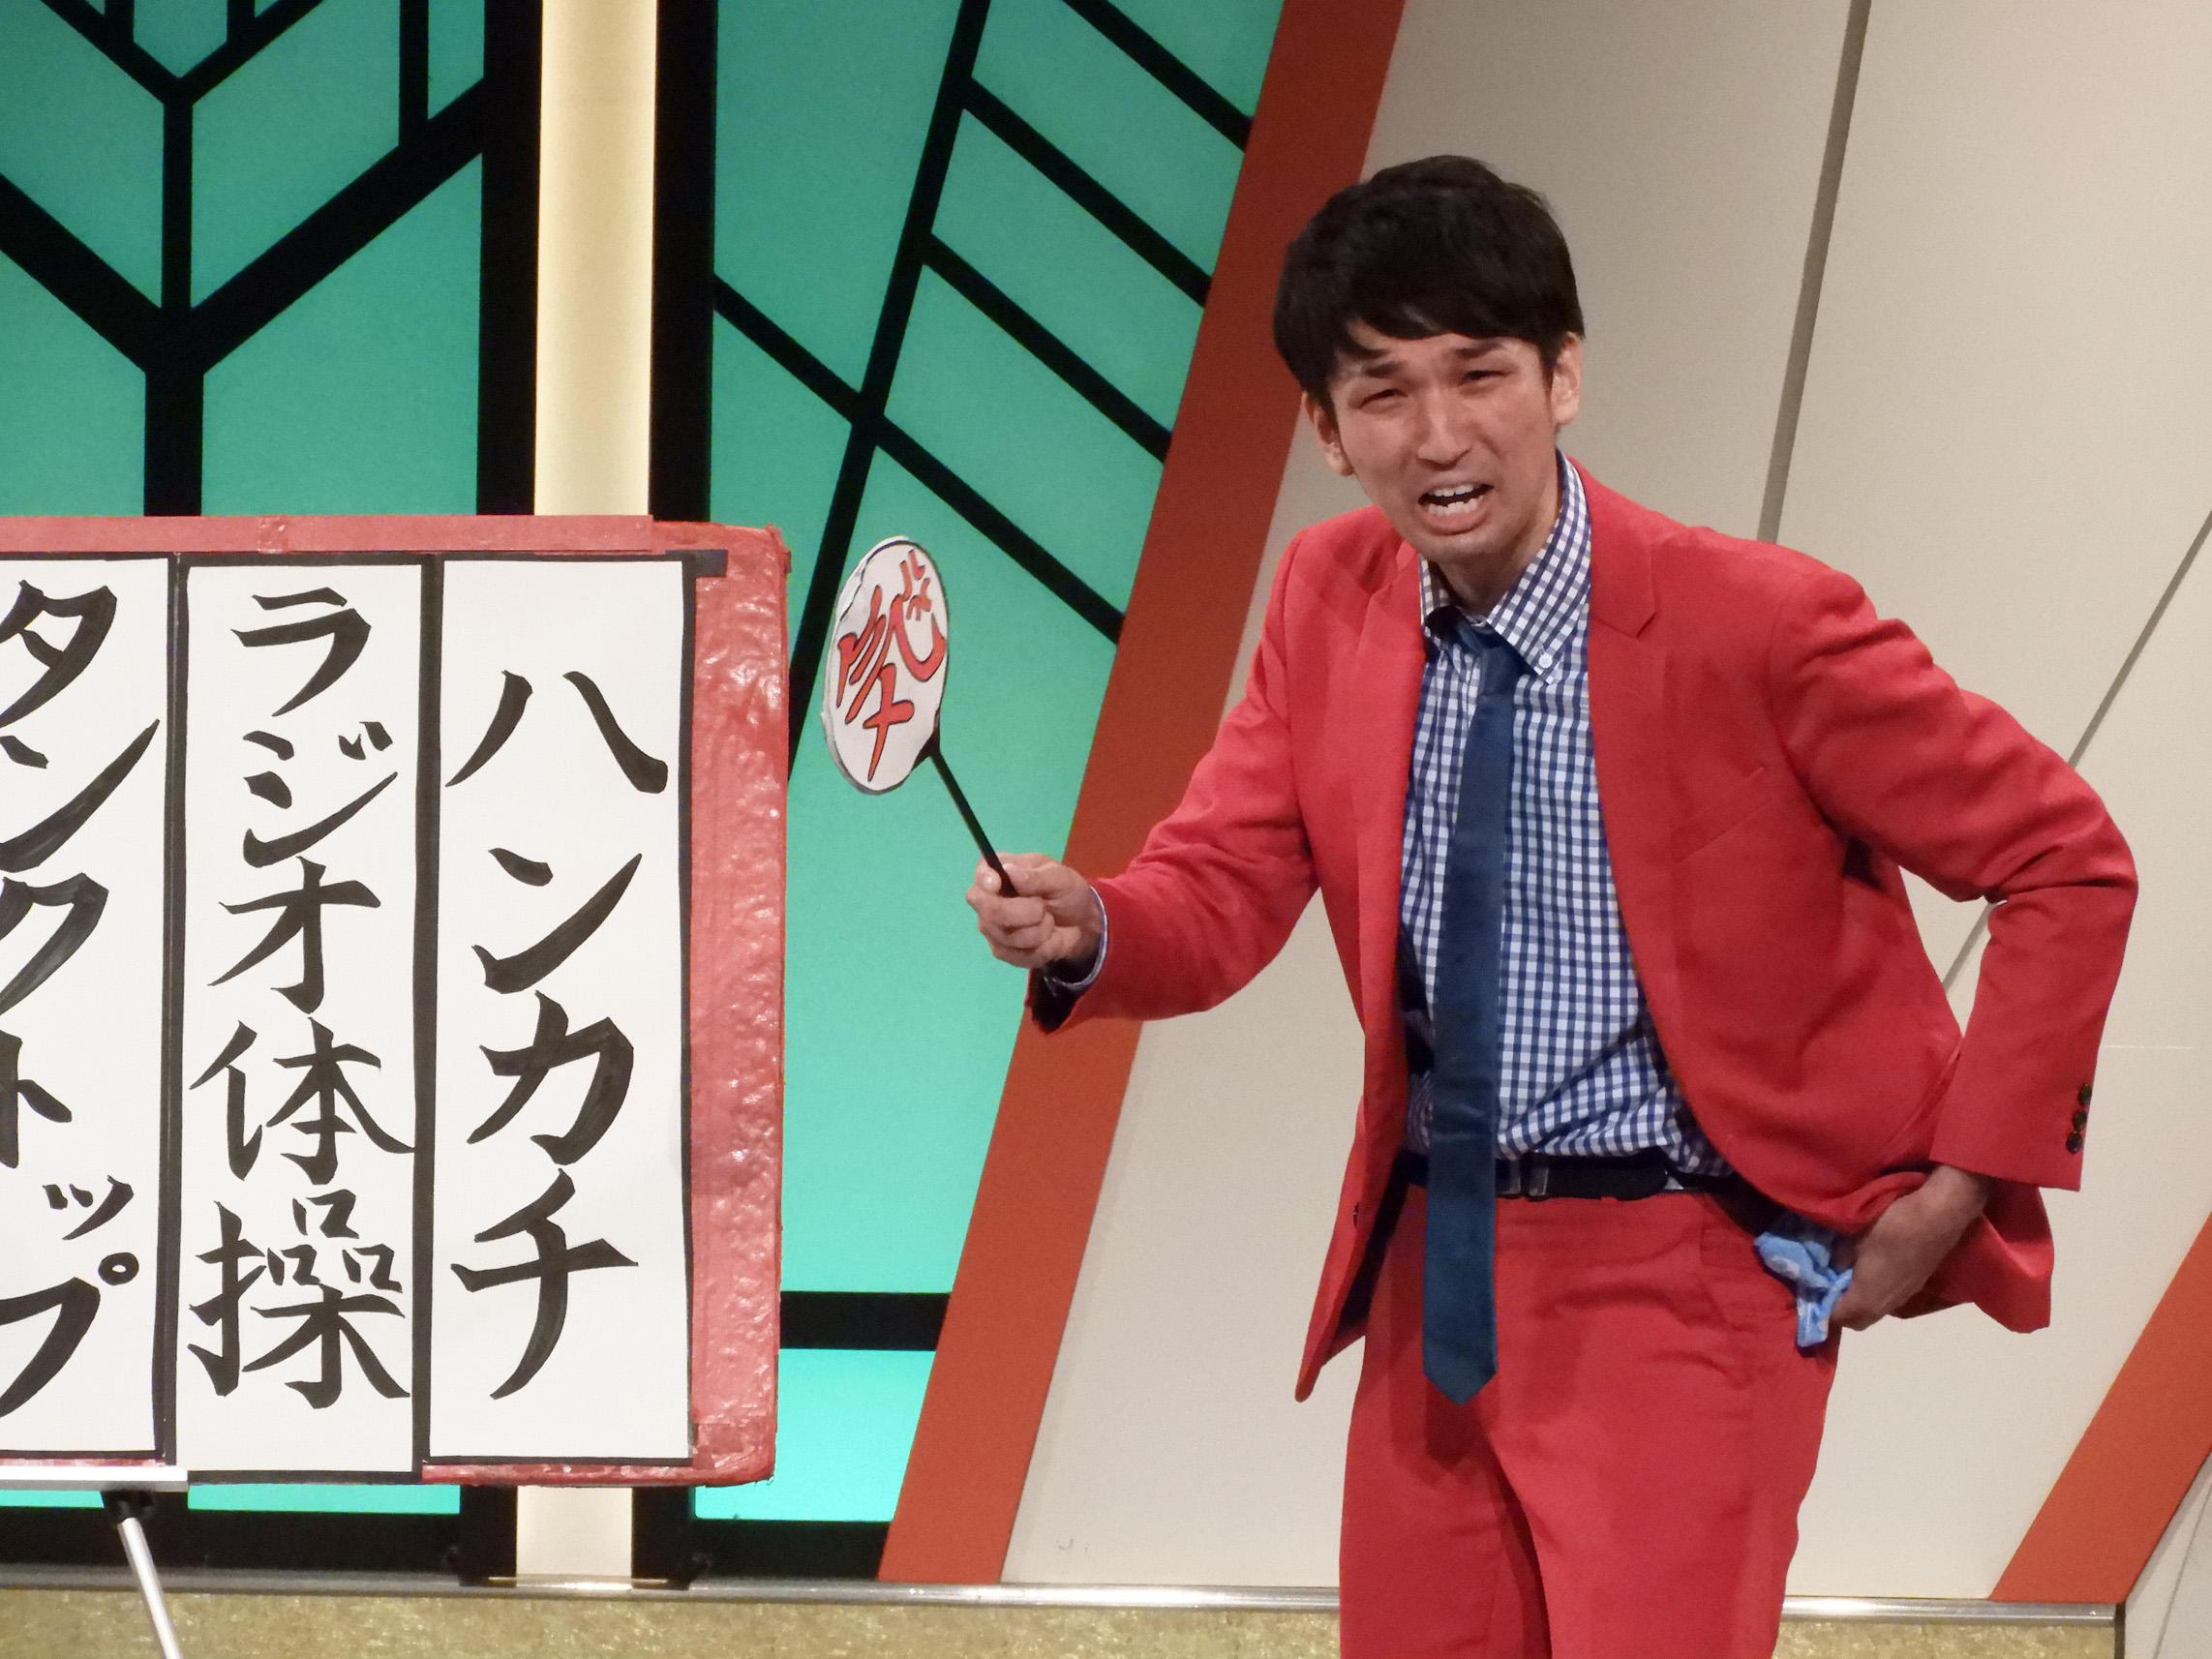 http://news.yoshimoto.co.jp/20180914110955-3960760746558b0038ed7d9a14cfb8533b71eb59.jpg